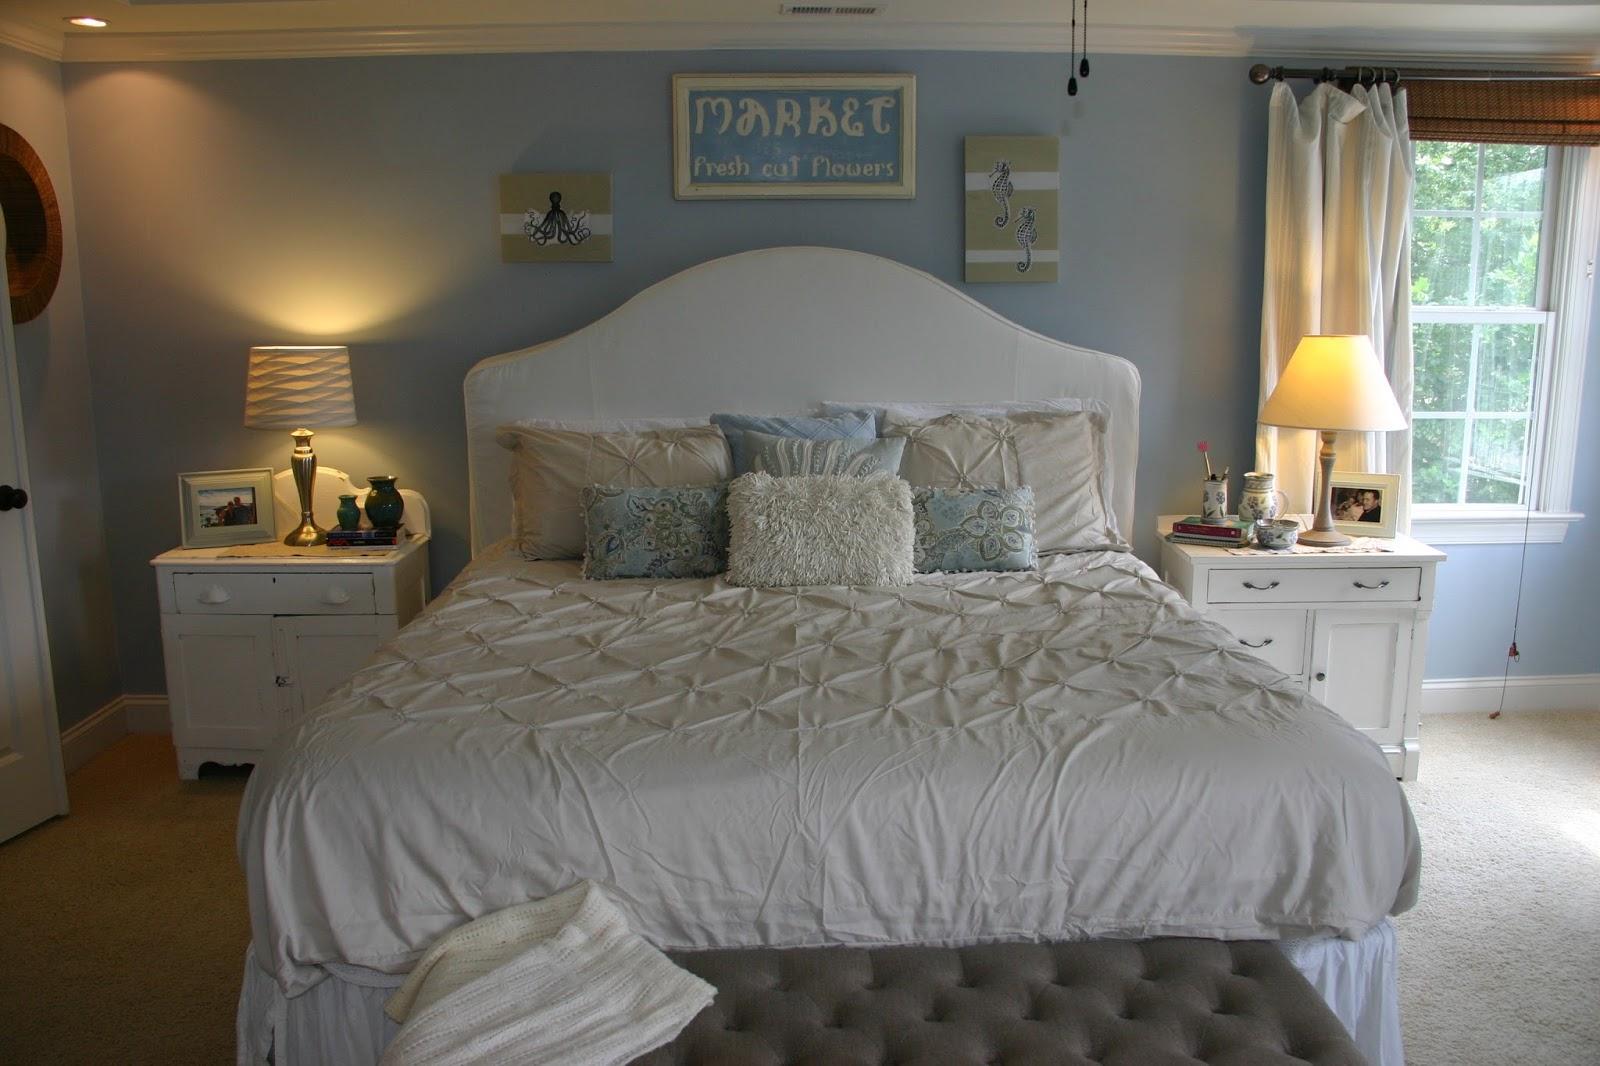 Cottage Blue Designs: Master Bedroom Reveal